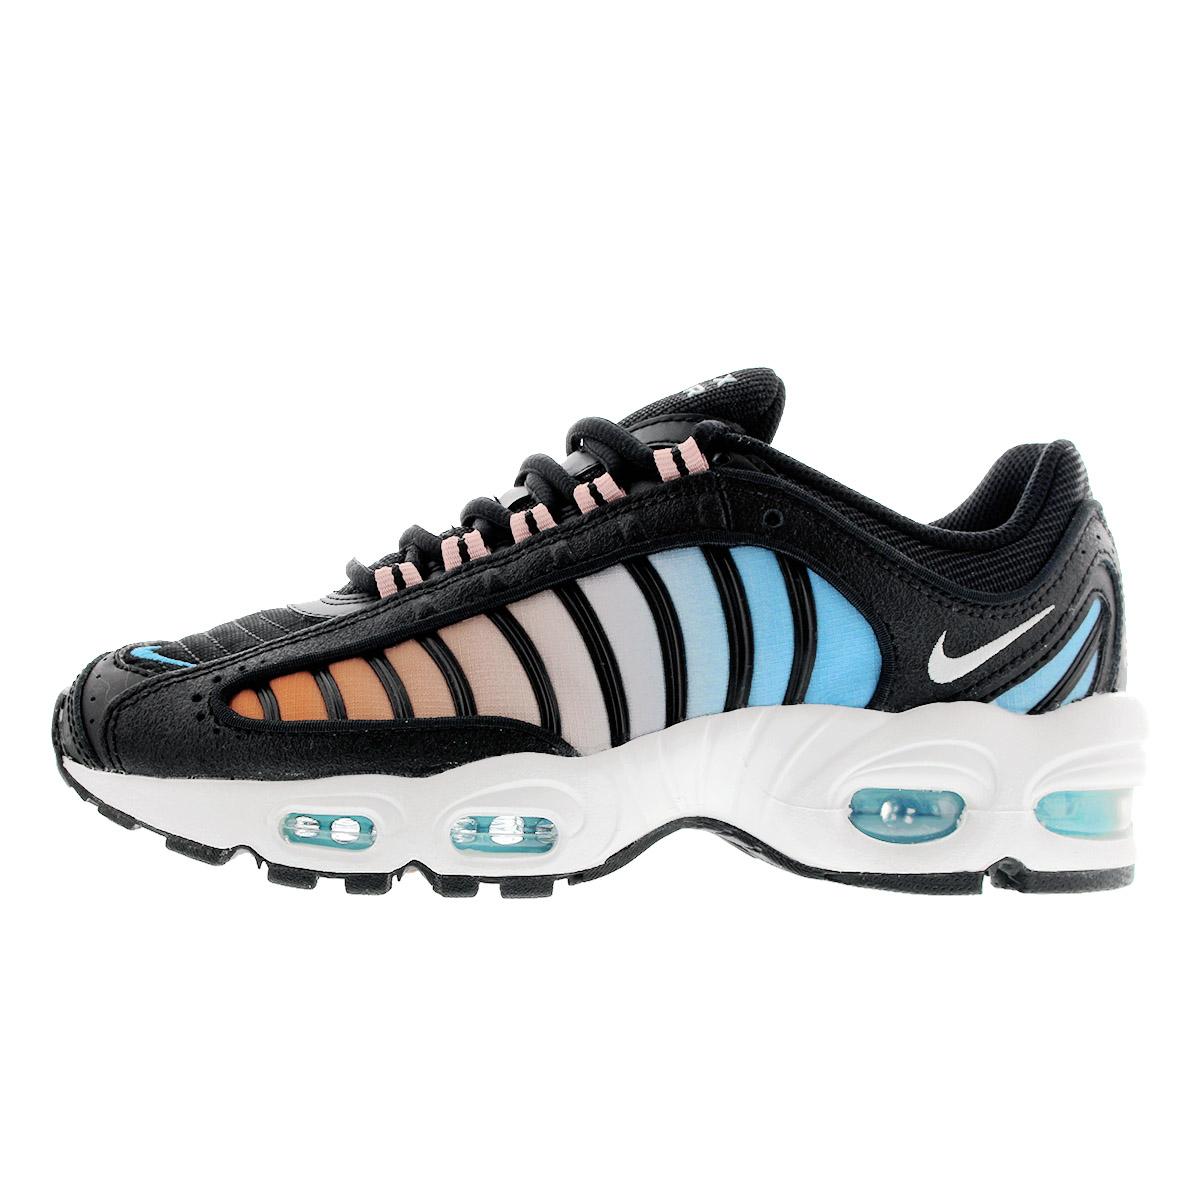 NIKE WMNS AIR MAX TAILWIND IV Nike women Air Max tale wind 4 BLACKWHITECORAL STARDUST cj7976 001